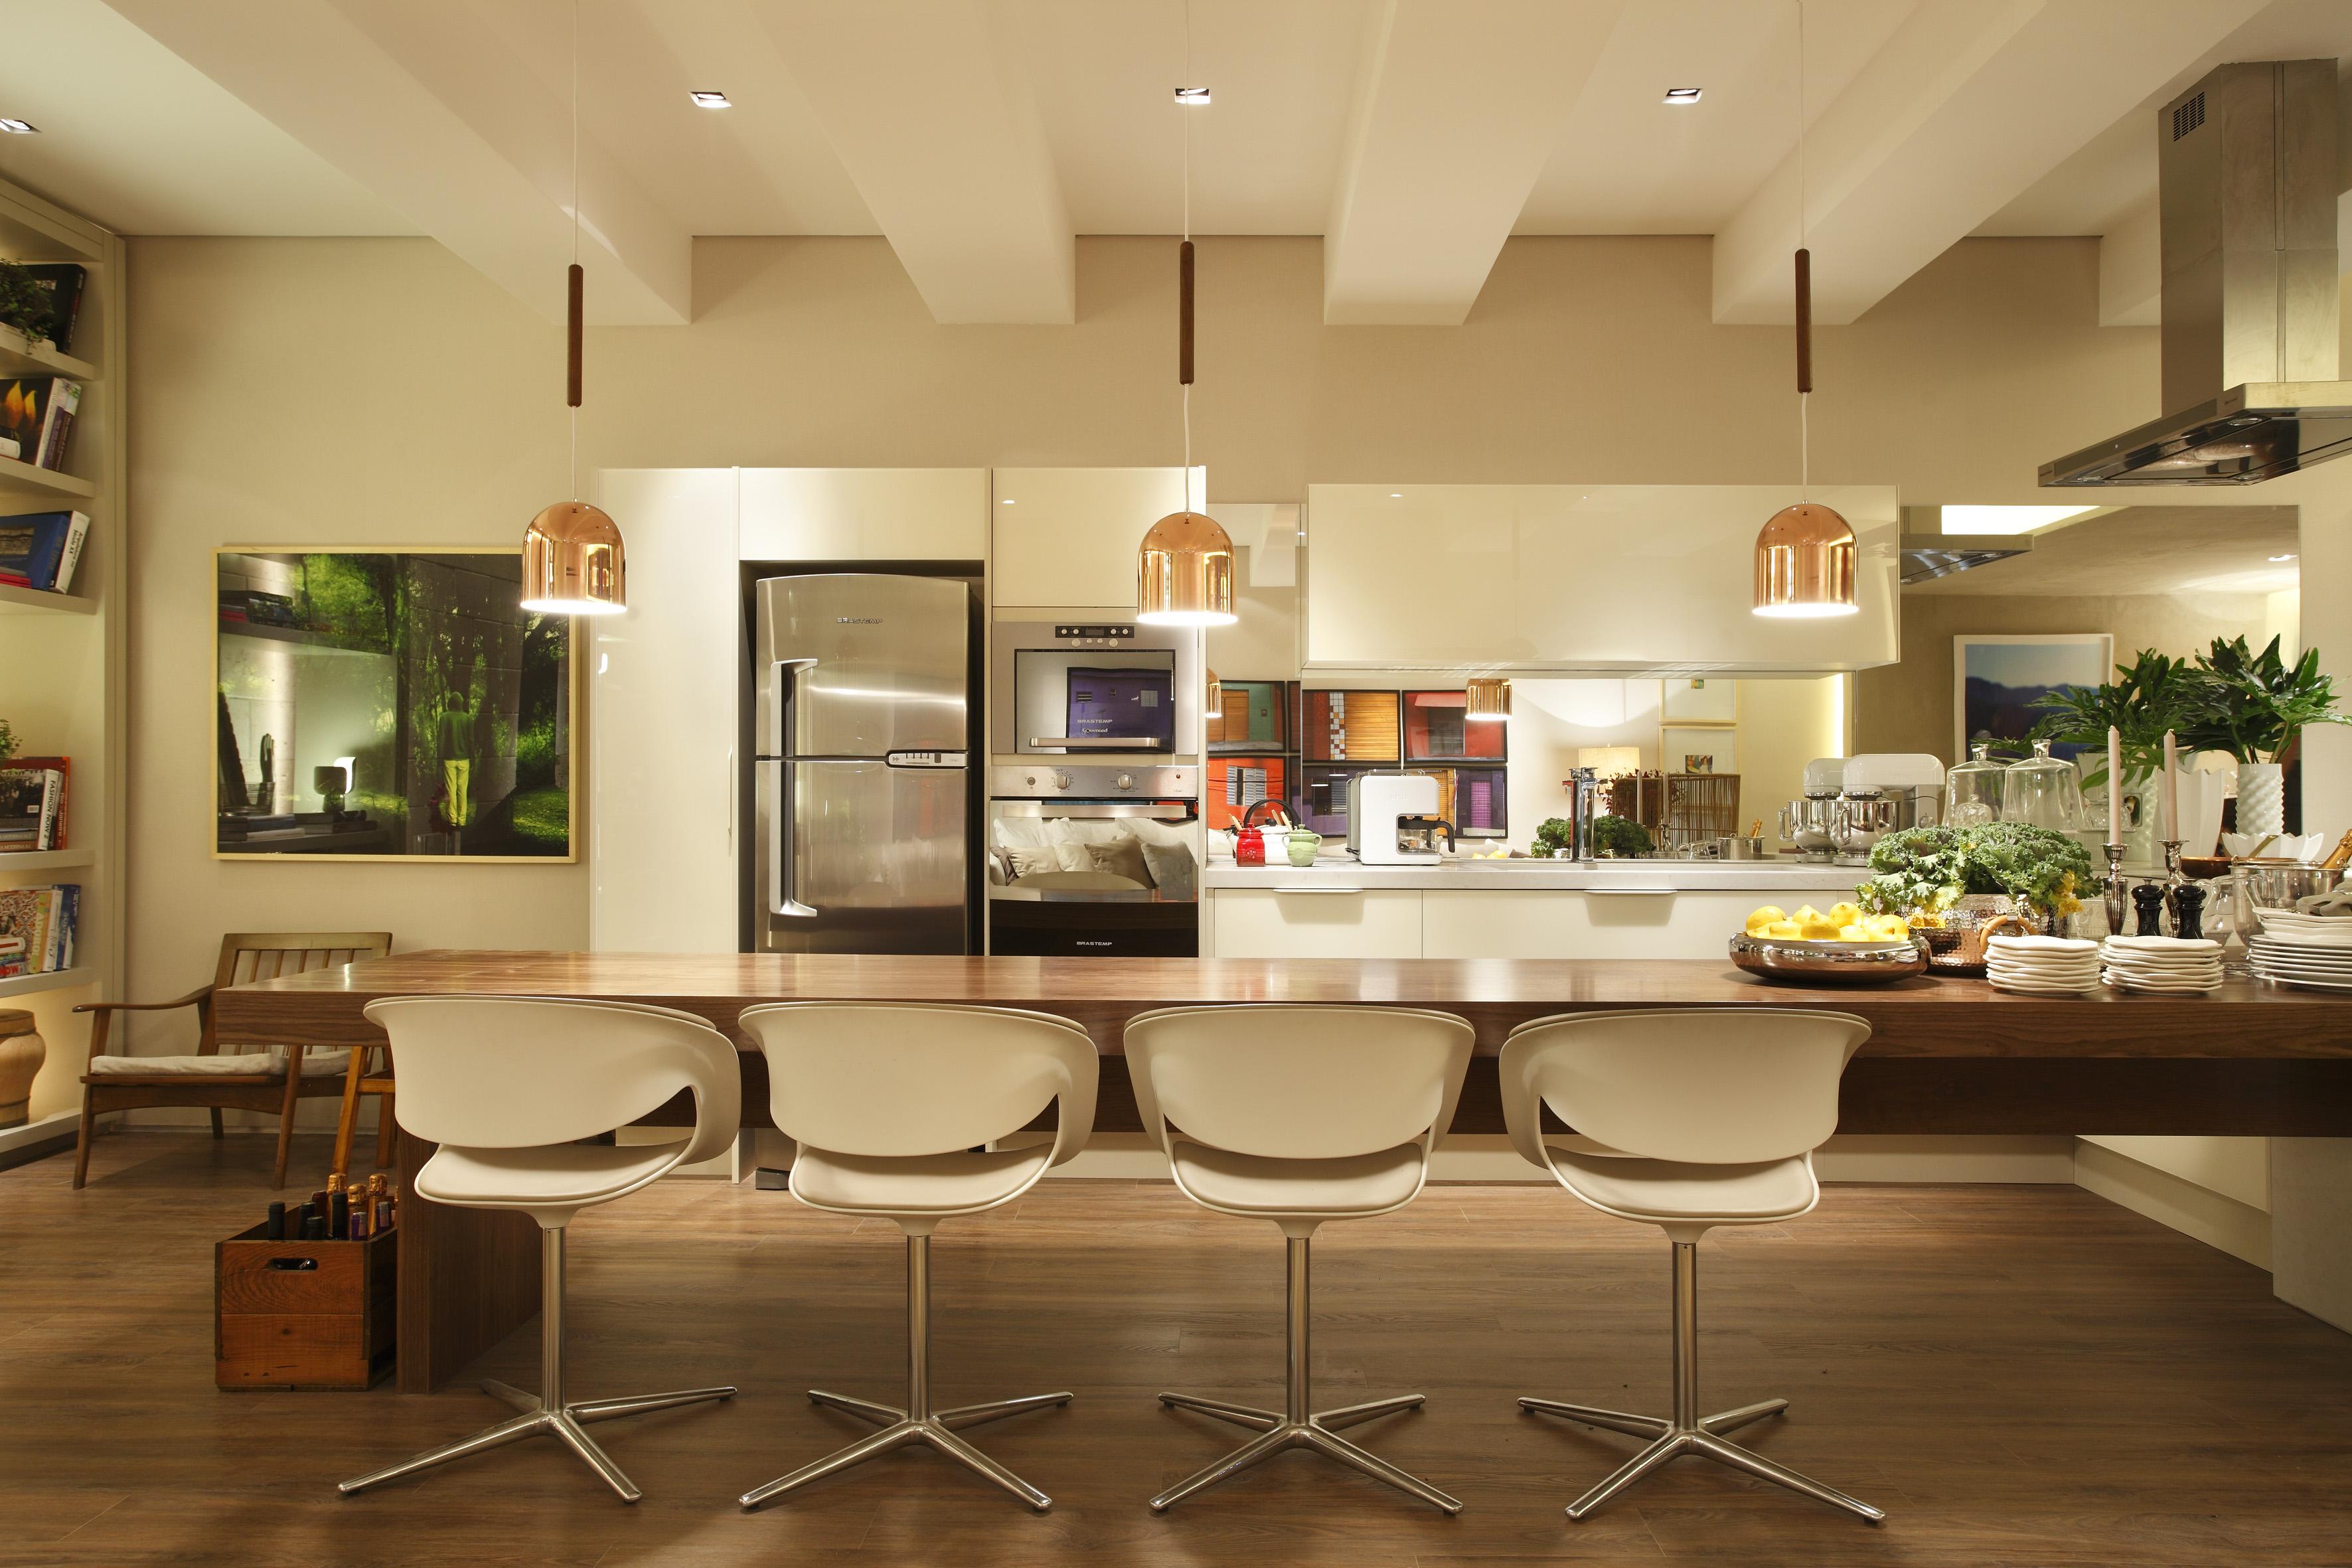 Casa Cor SP: Paola Ribeiro ame arquitetura #B69115 3543 2362